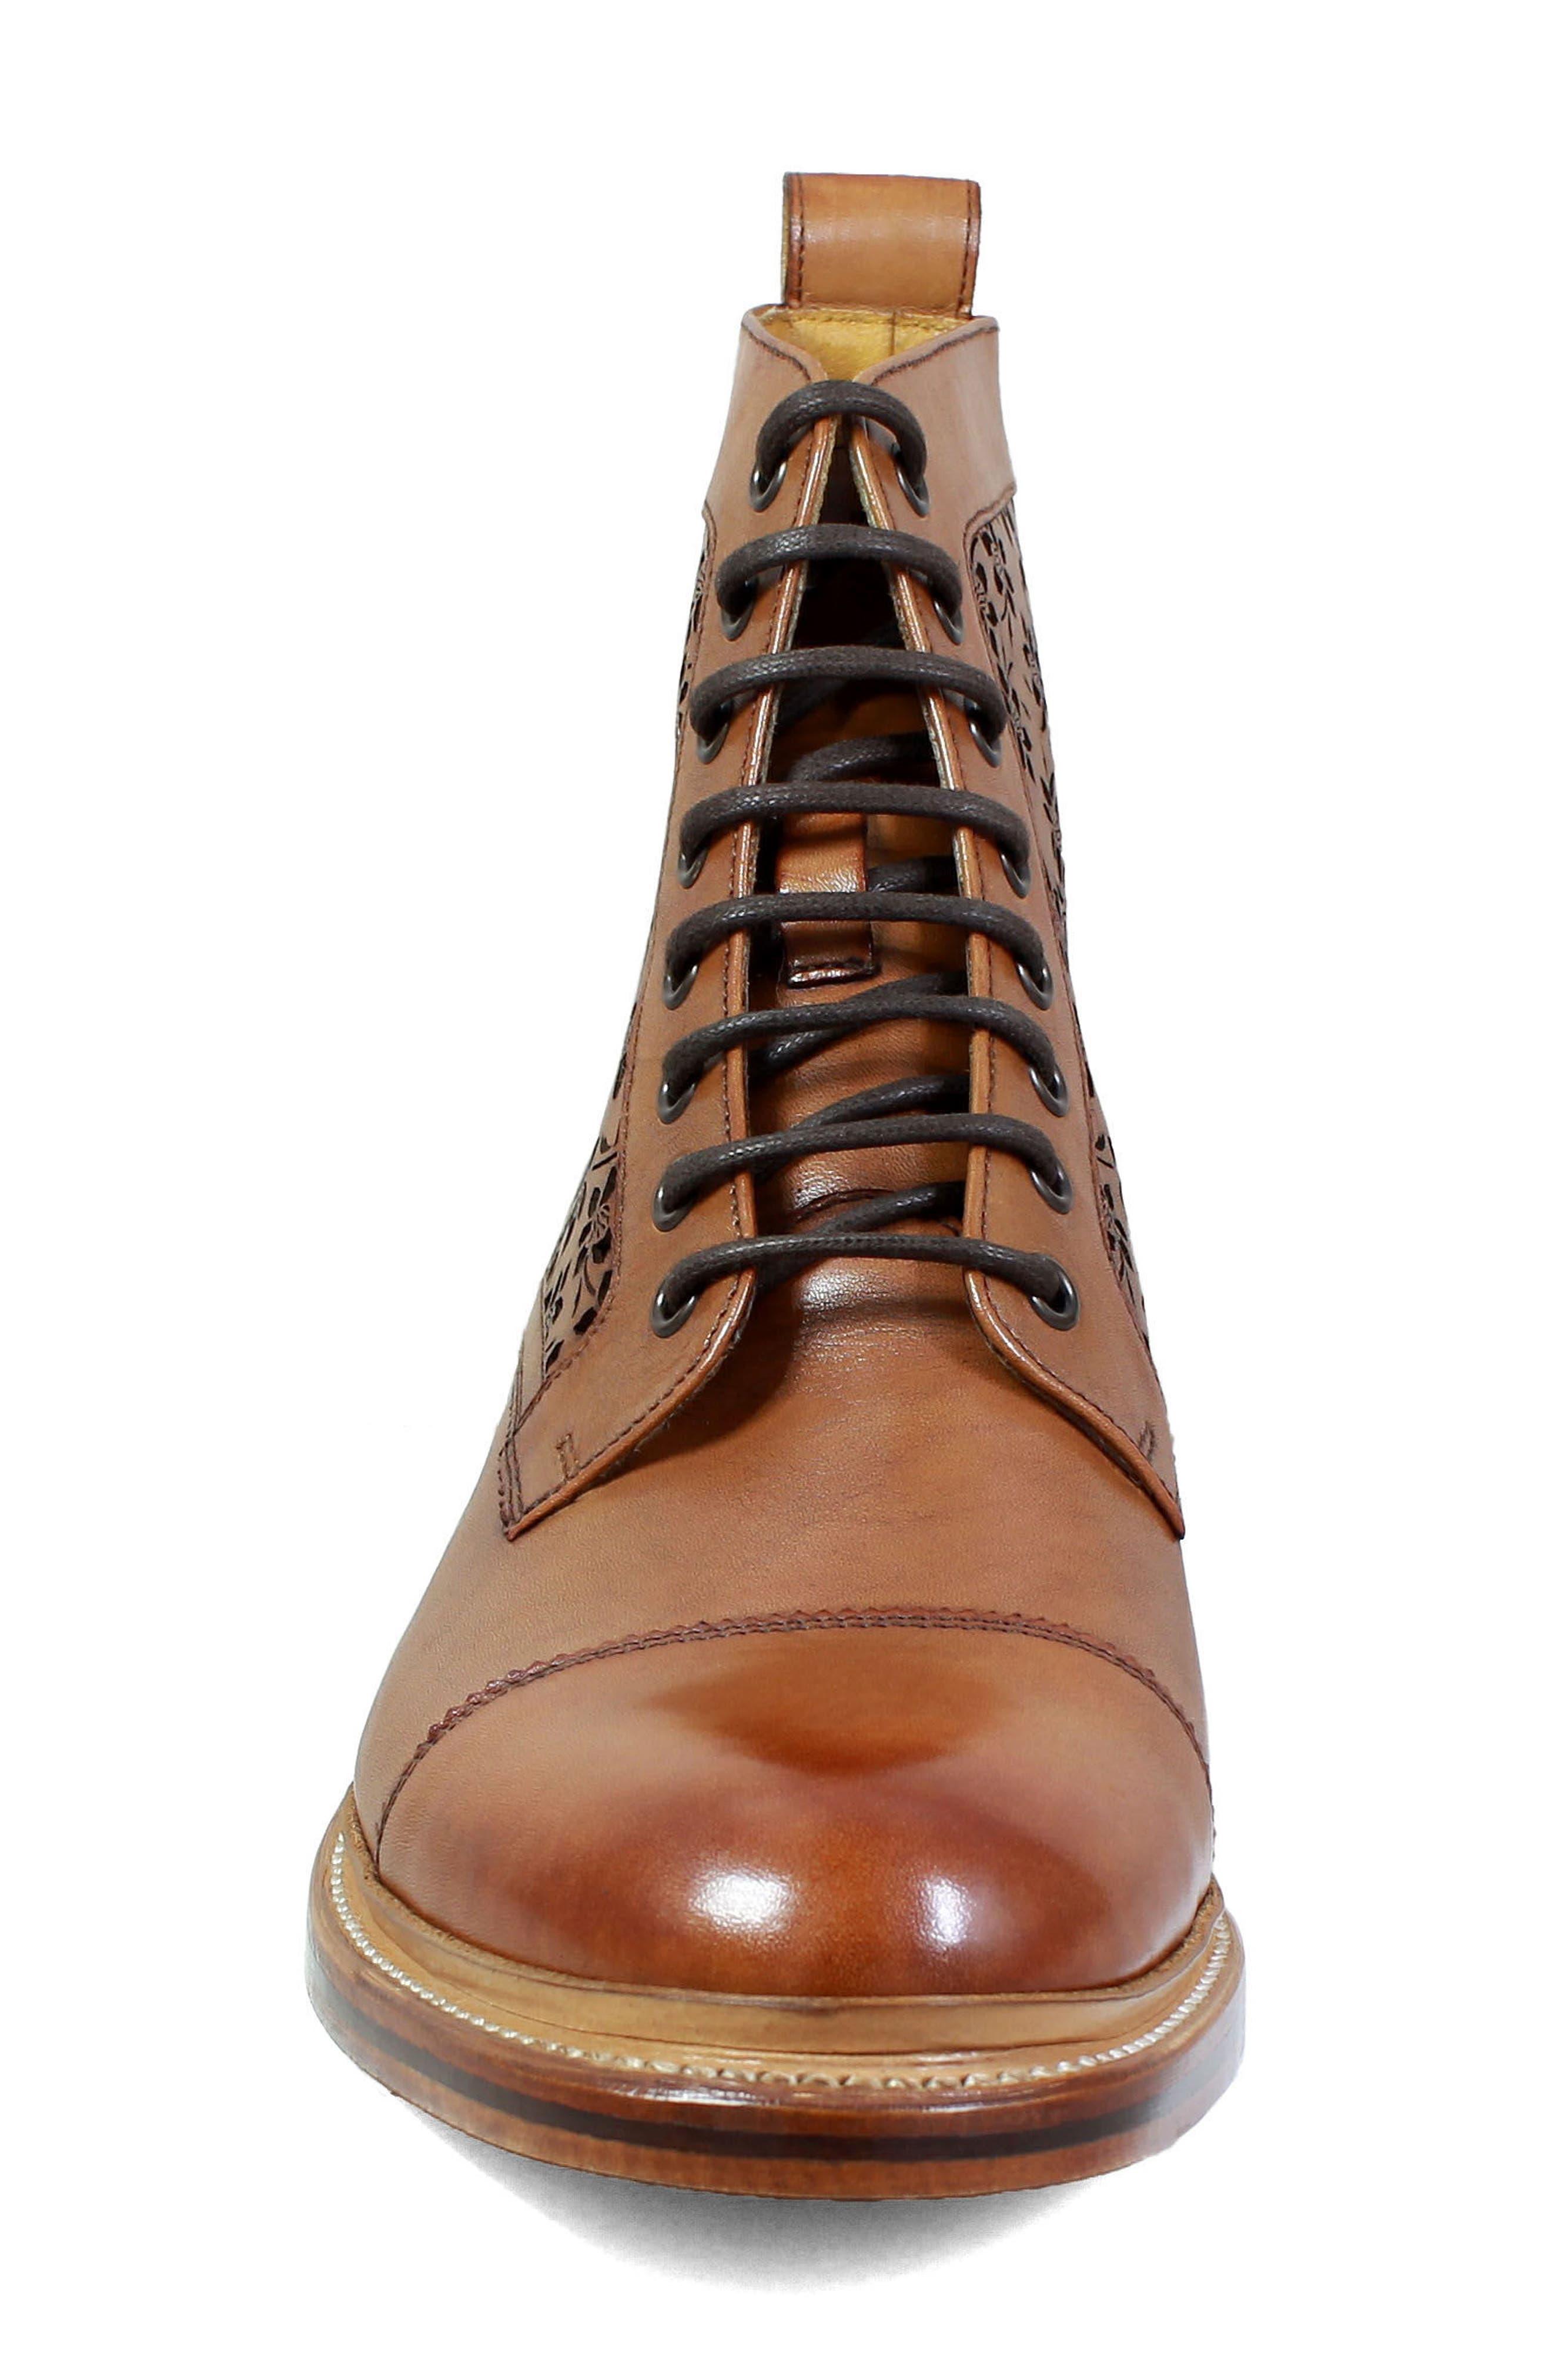 M2 Laser Cut Boot,                             Alternate thumbnail 4, color,                             Cognac Leather